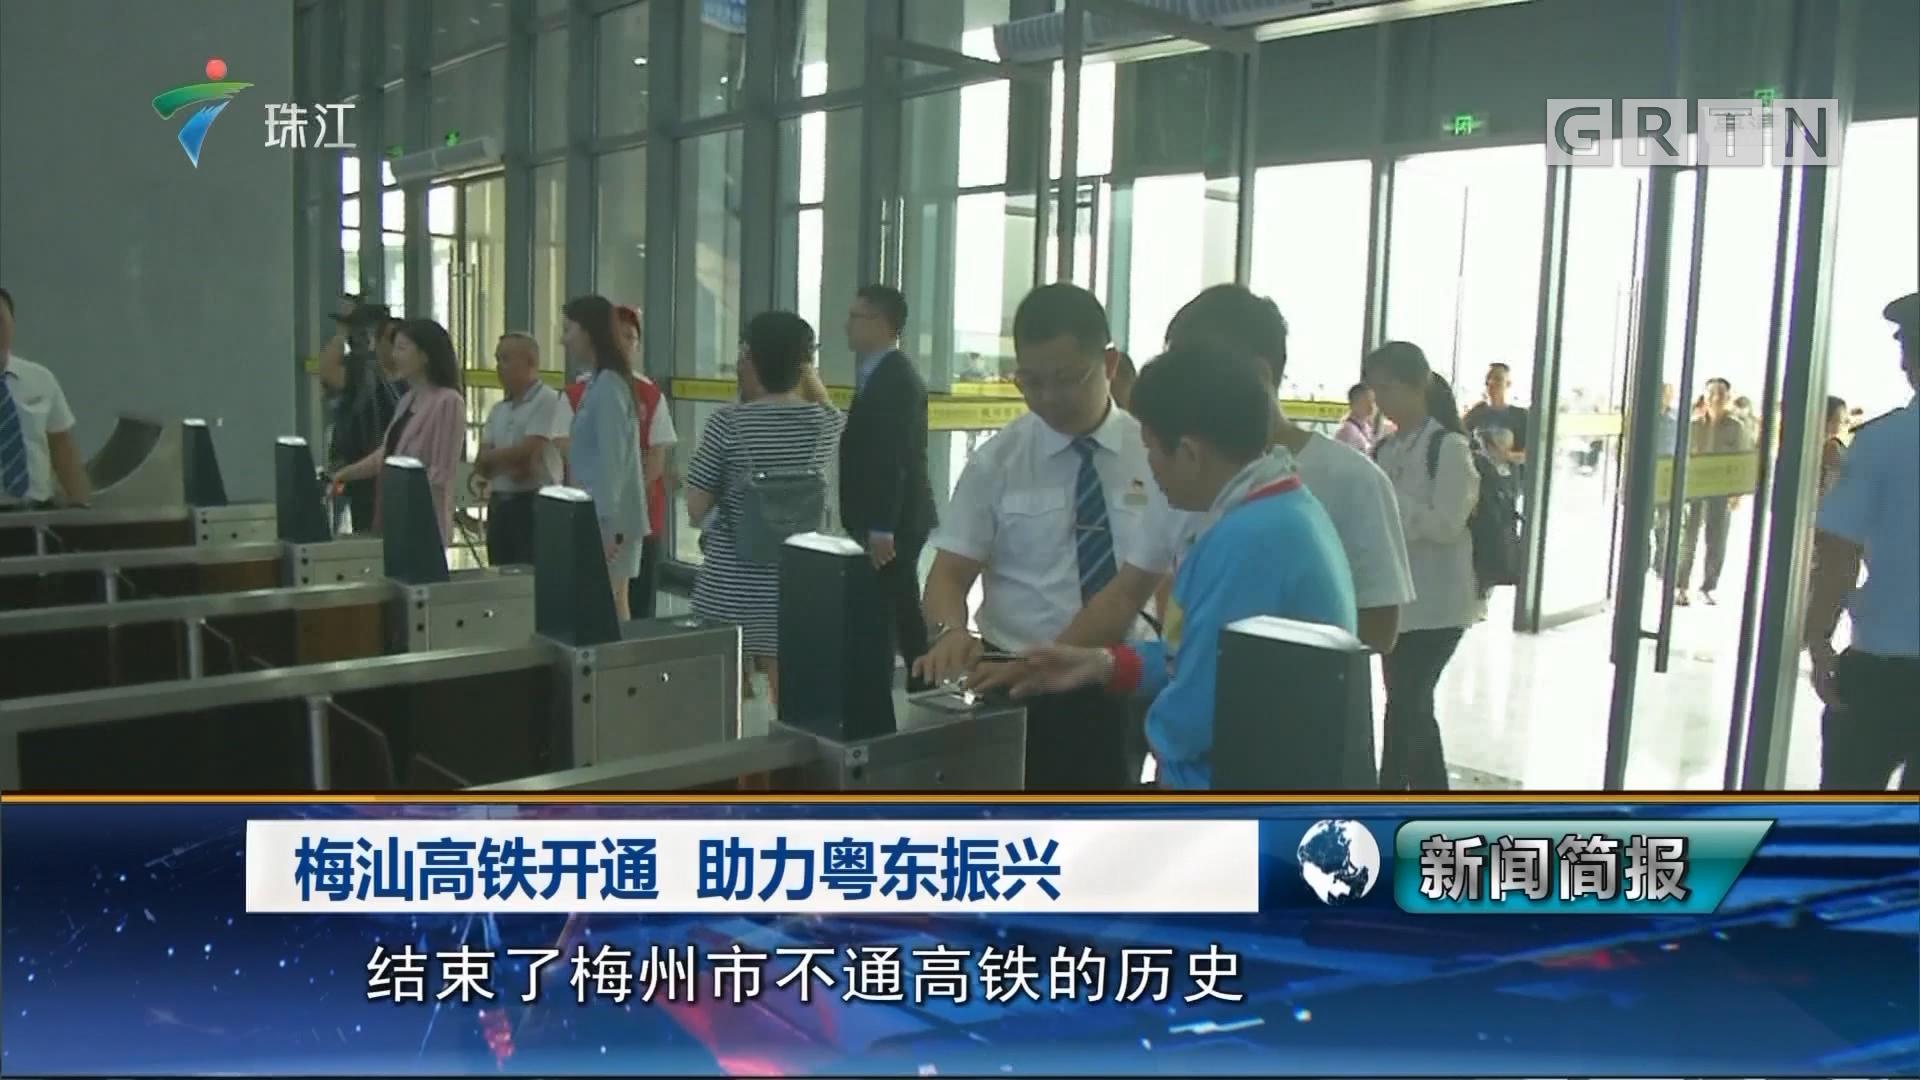 梅汕高鐵開通 助力粵東振興